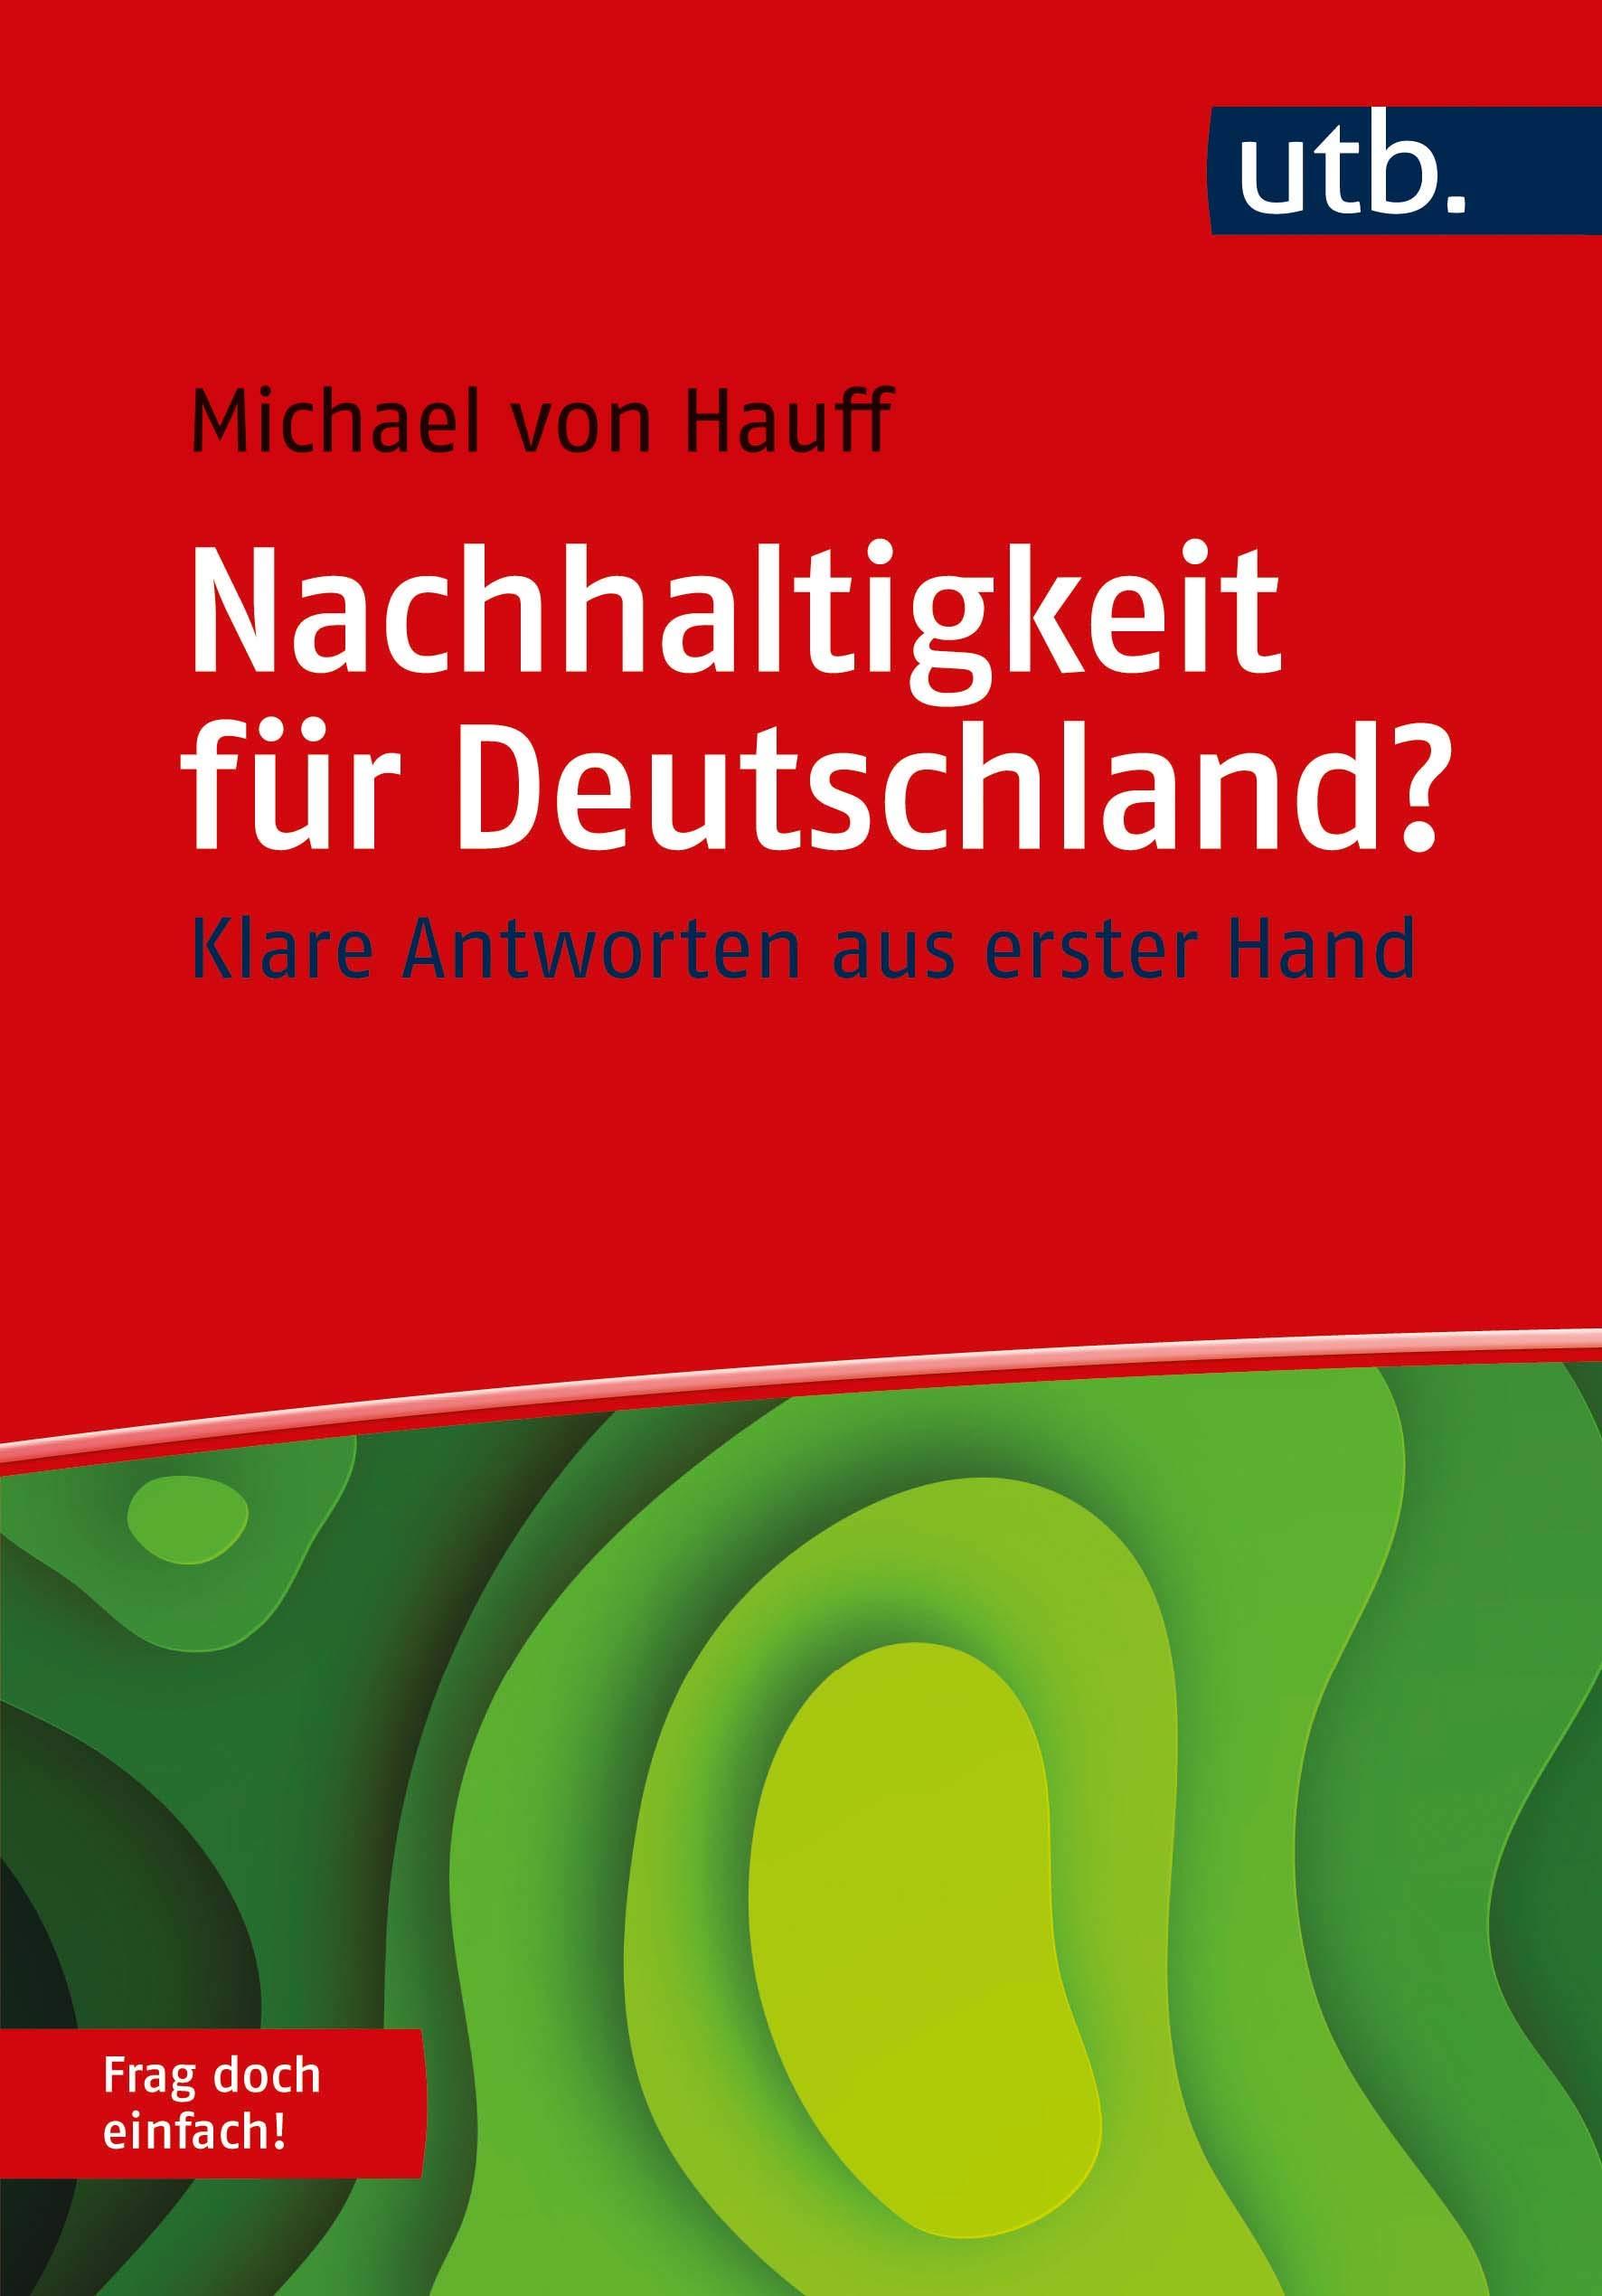 Nachhaltigkeit für Deutschland? Frag doch einfach!: Klare Antworten aus erster Hand (German Edition)